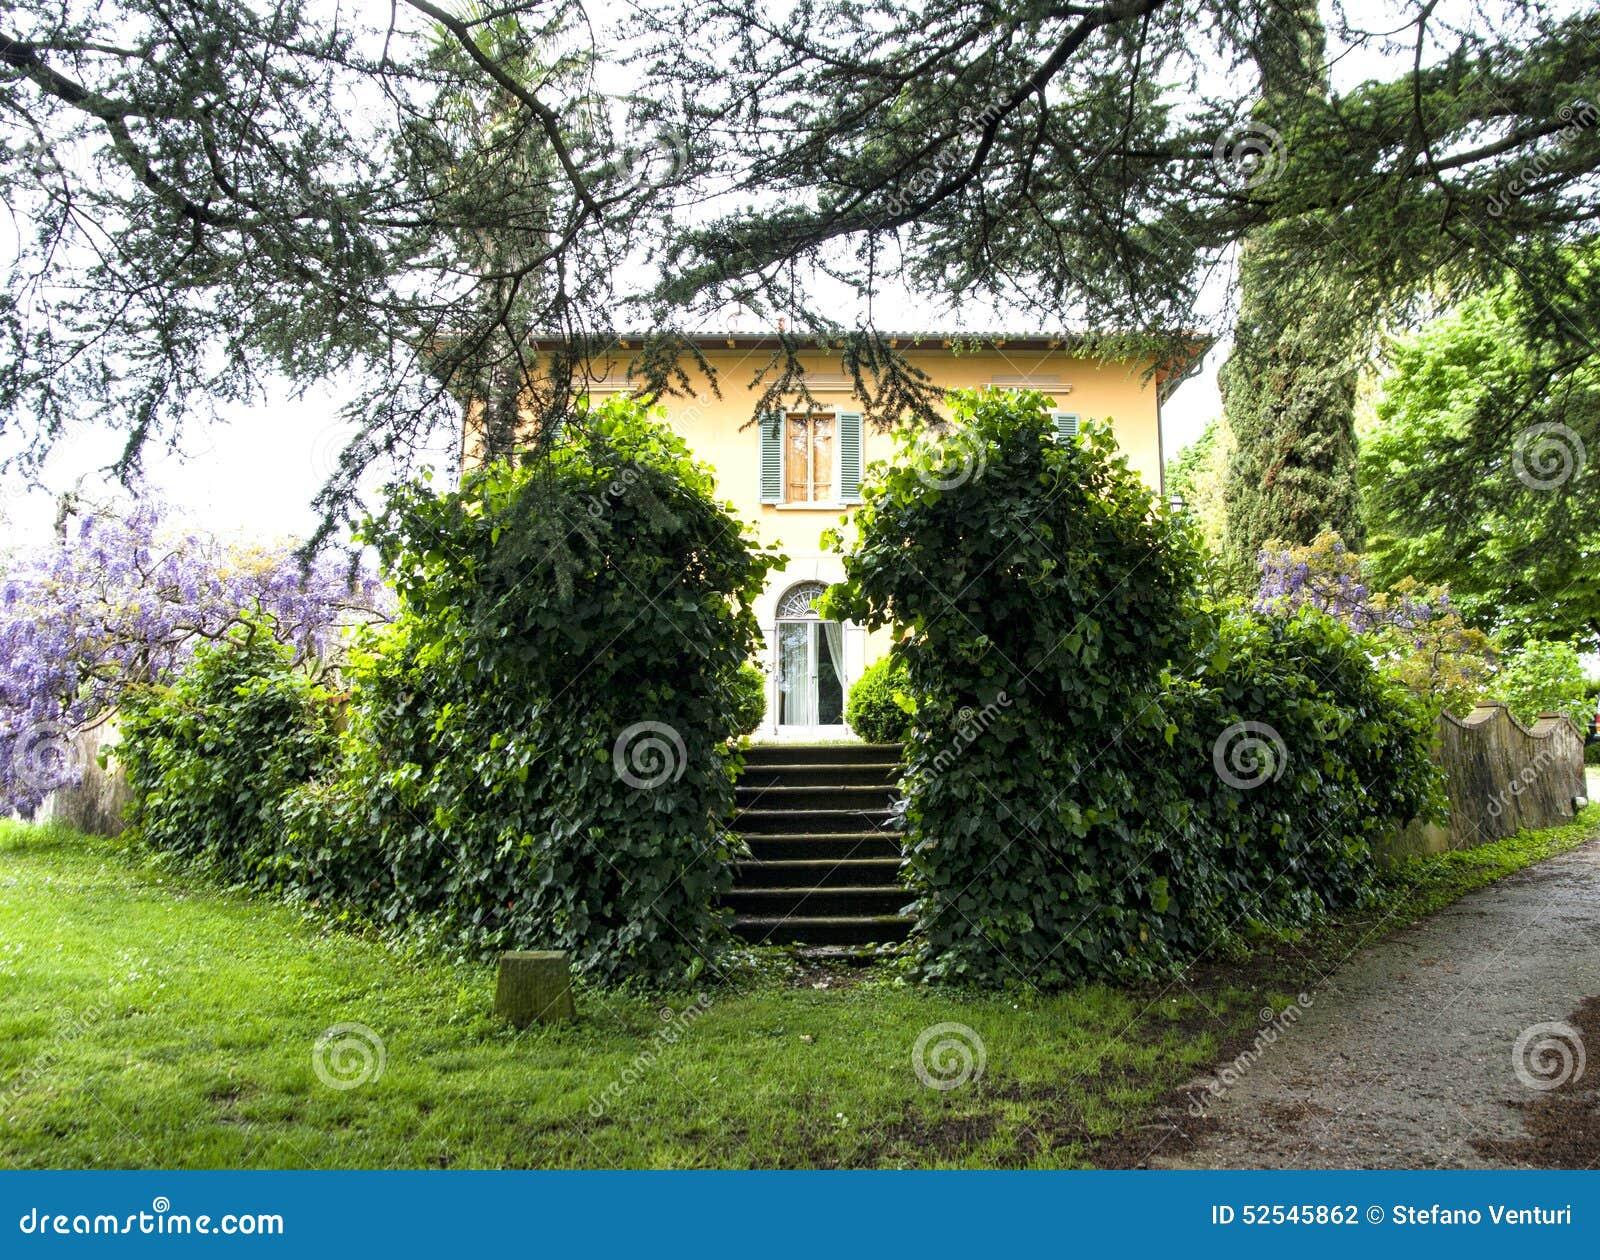 Bella casa di campagna in toscana con la grande pianta for La casa toscana tradizionale